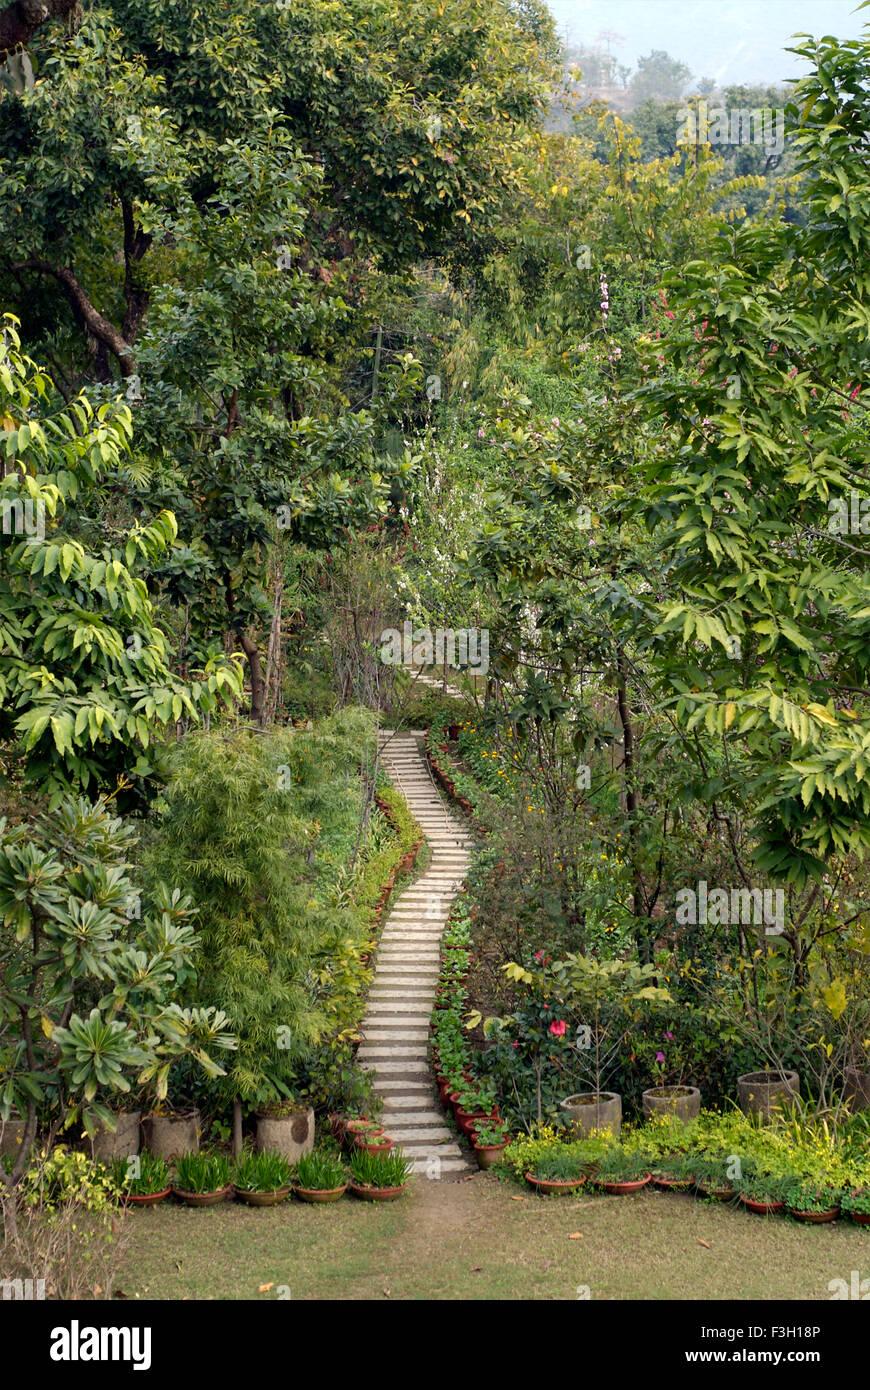 A path made up of tiles in a garden ; Dehradun ; Uttaranchal ; India - Stock Image